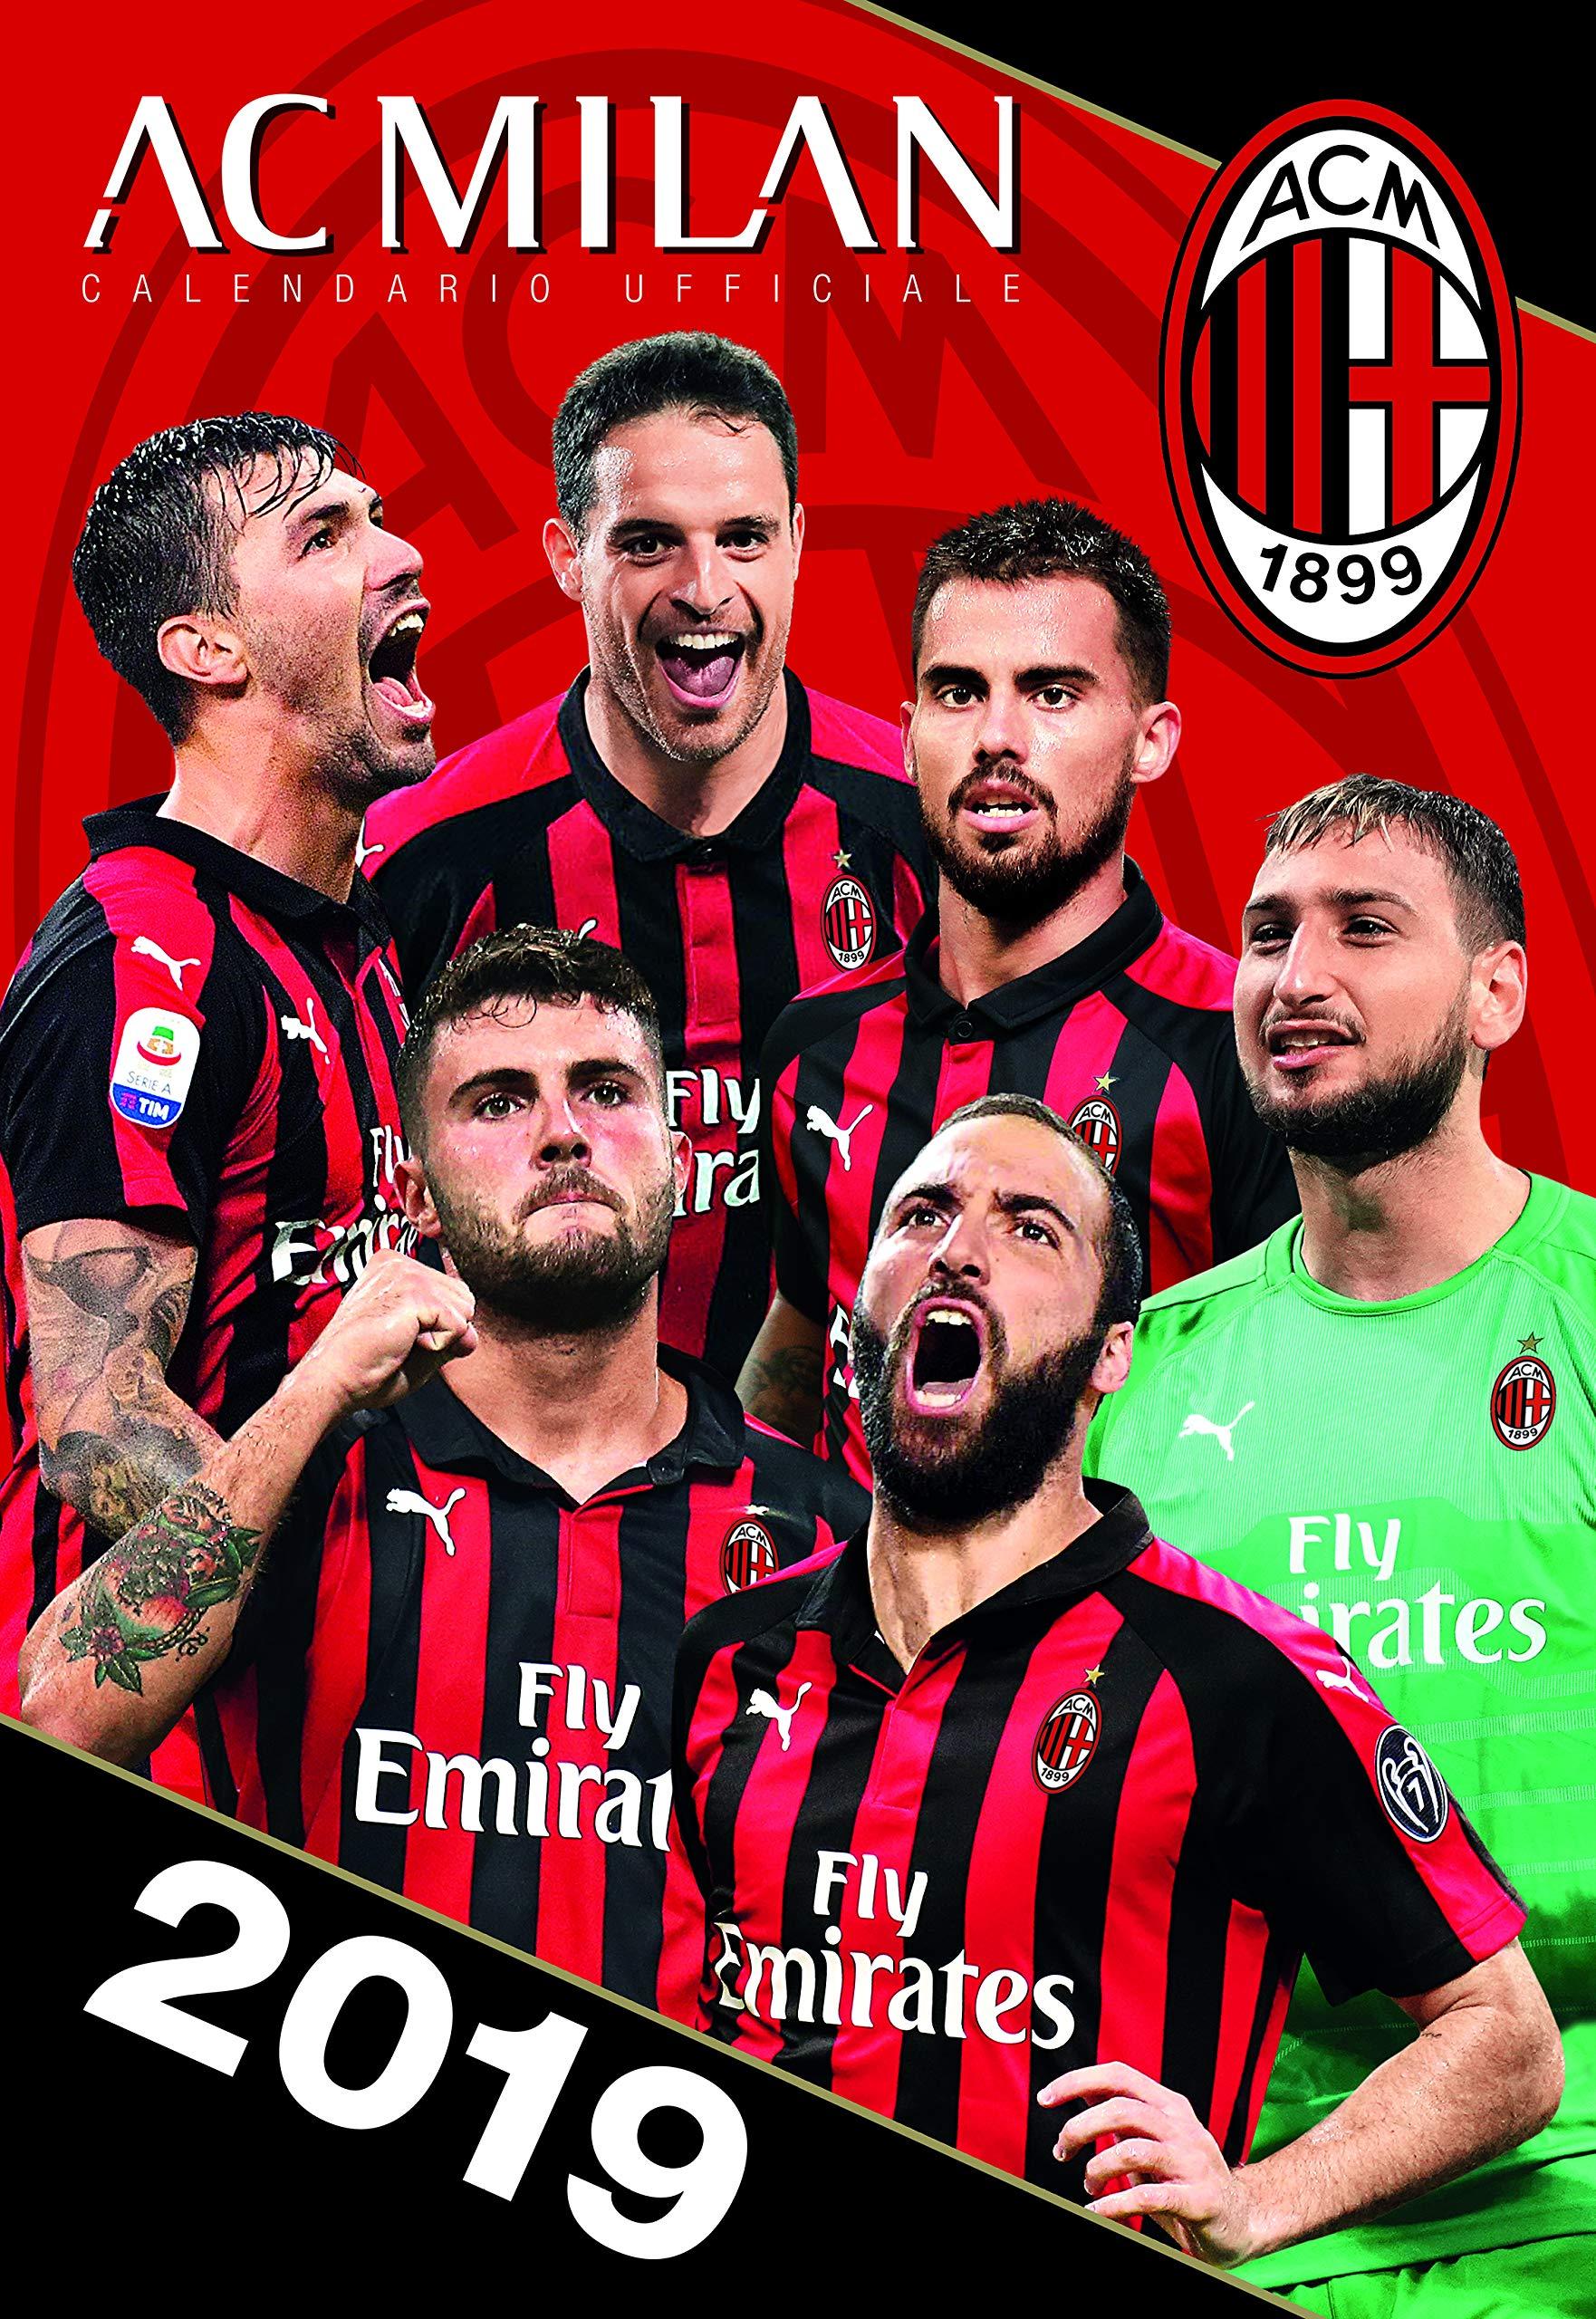 Calendario Ac Milan.Euro Publishing Calendario Milan 2019 Ufficiale 29 X 42 Cm Compra Al Prezzo Migliore